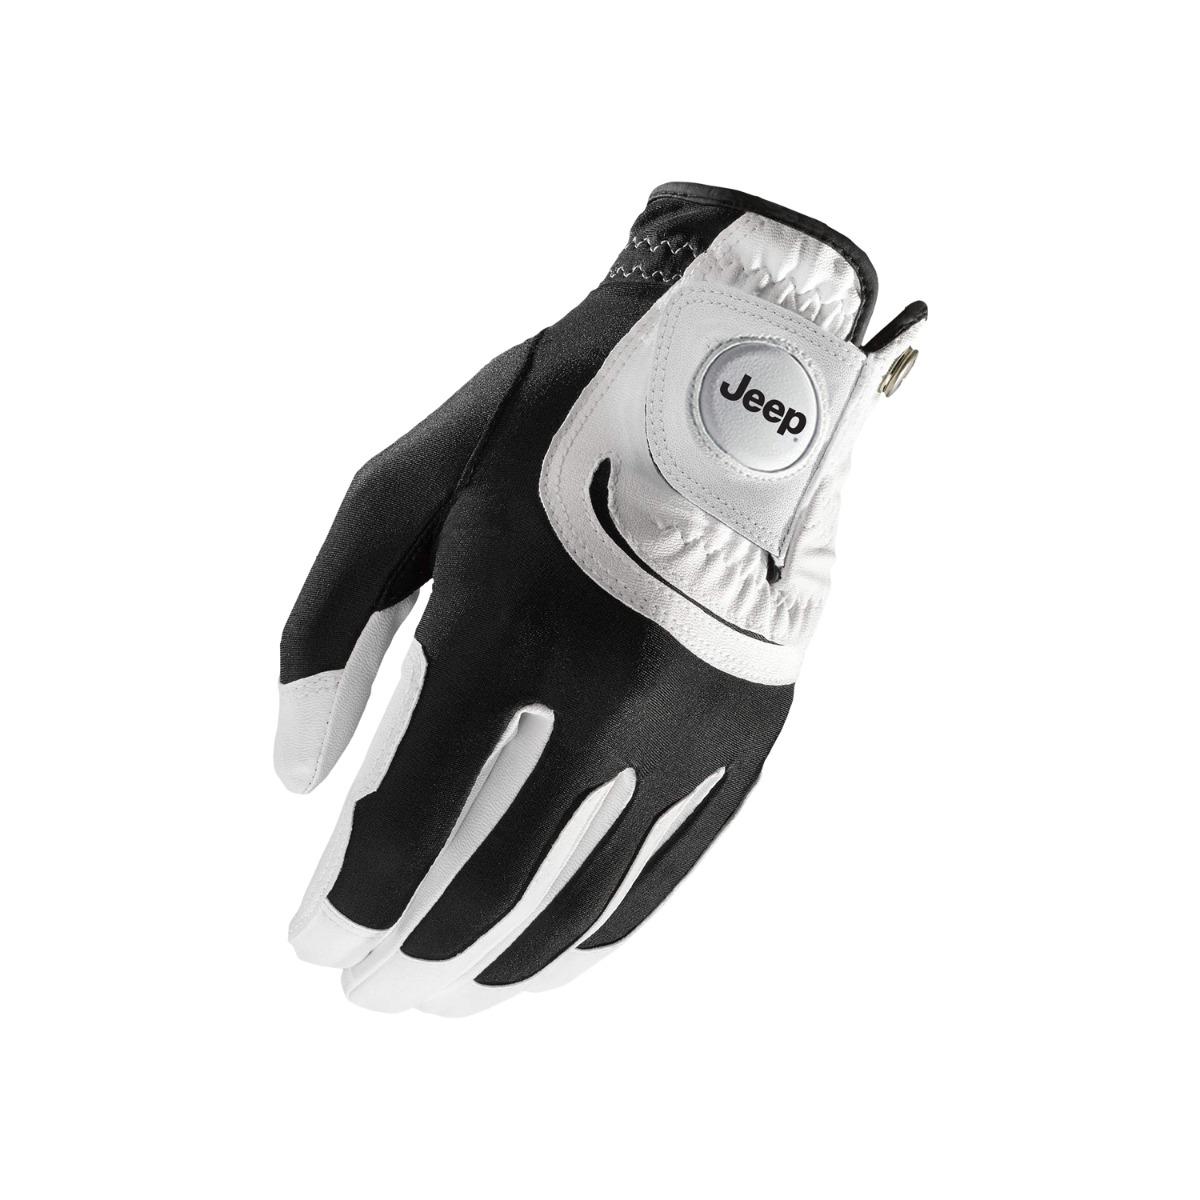 Wilson Staff Fit All Golf Glove